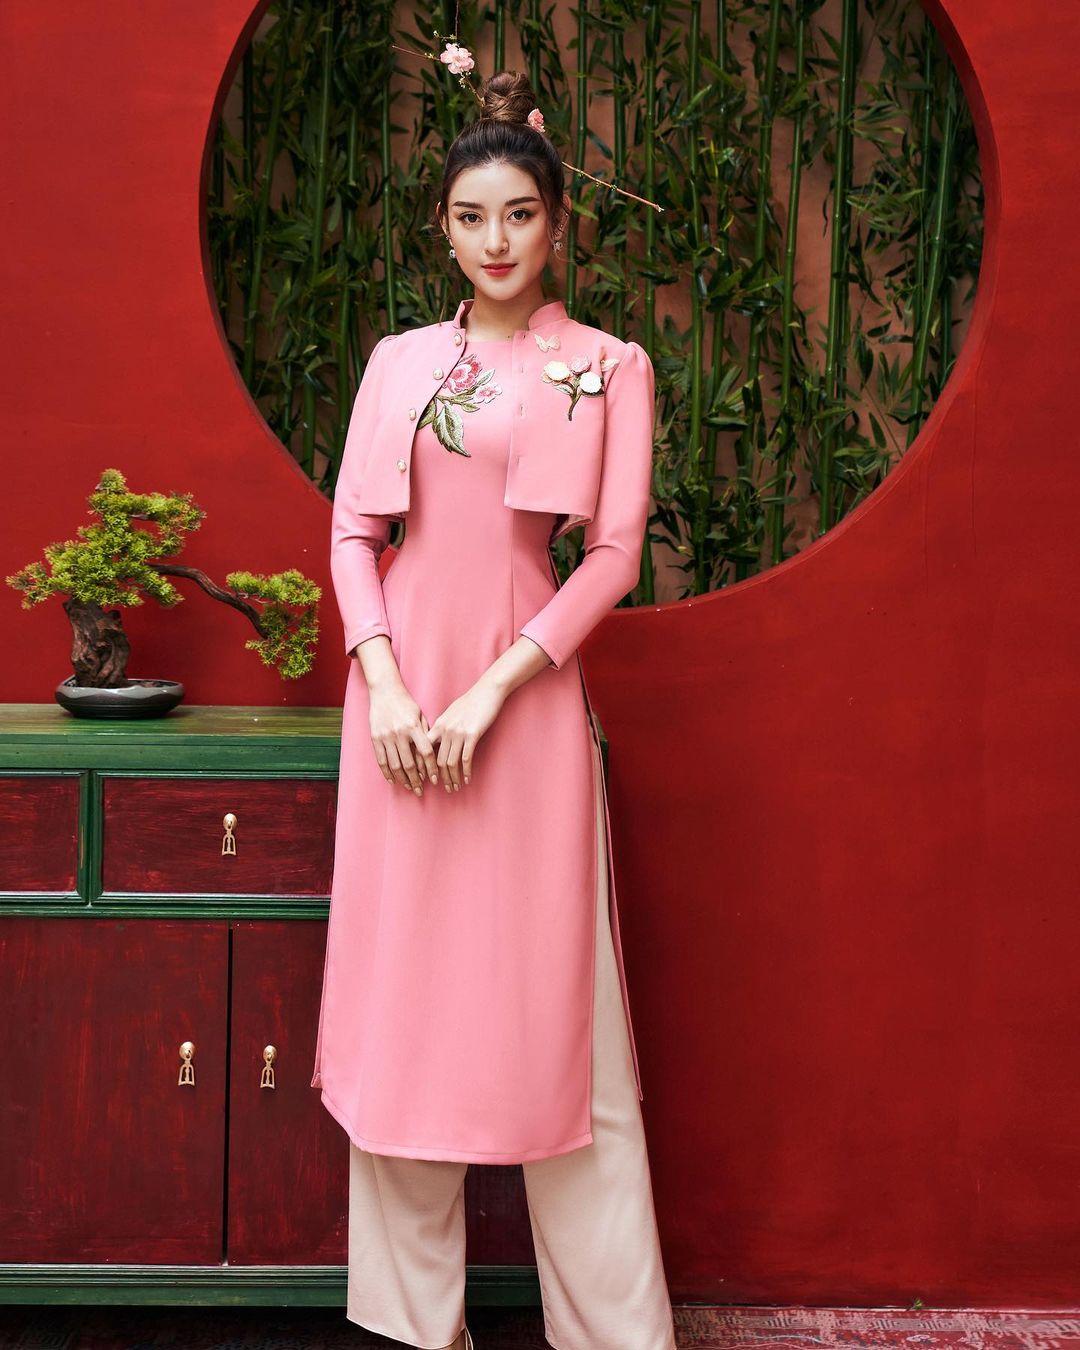 Sao Việt rộn ràng diện áo dài đón Tết sớm, kiểu hot hit nhất năm nay nằm cả ở chi tiết này - Ảnh 10.